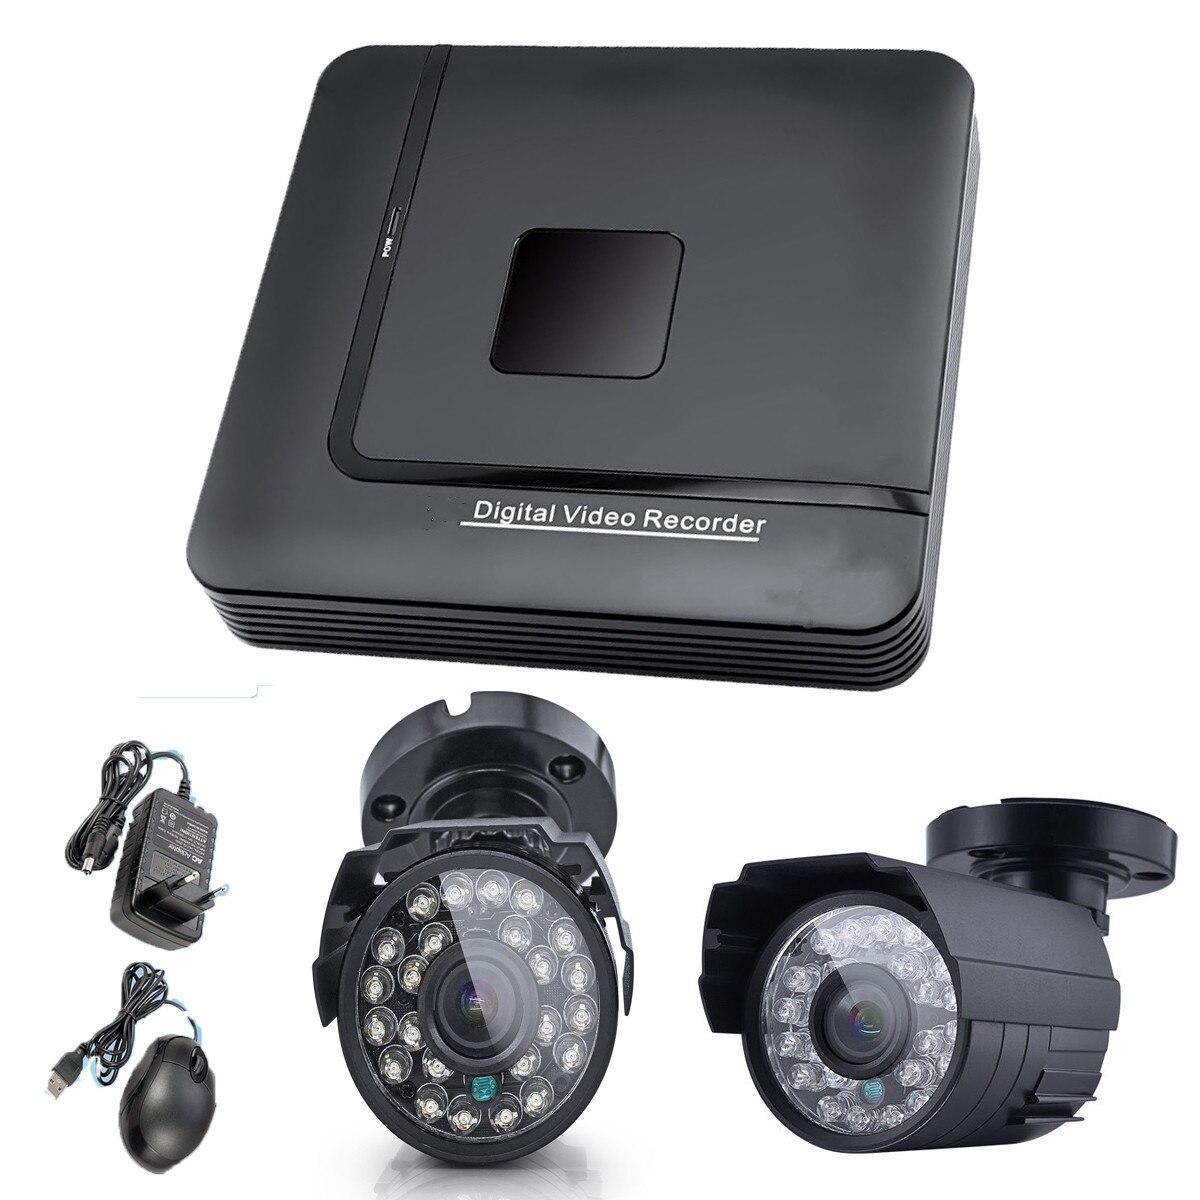 NOVA 1 pcs 4CH DVR 2 pcs 1000TVL Câmera de Vídeo Digital de Fácil Instalação do Sistema de Segurança Gravador de Vídeo Digital de Vigilância CCTV